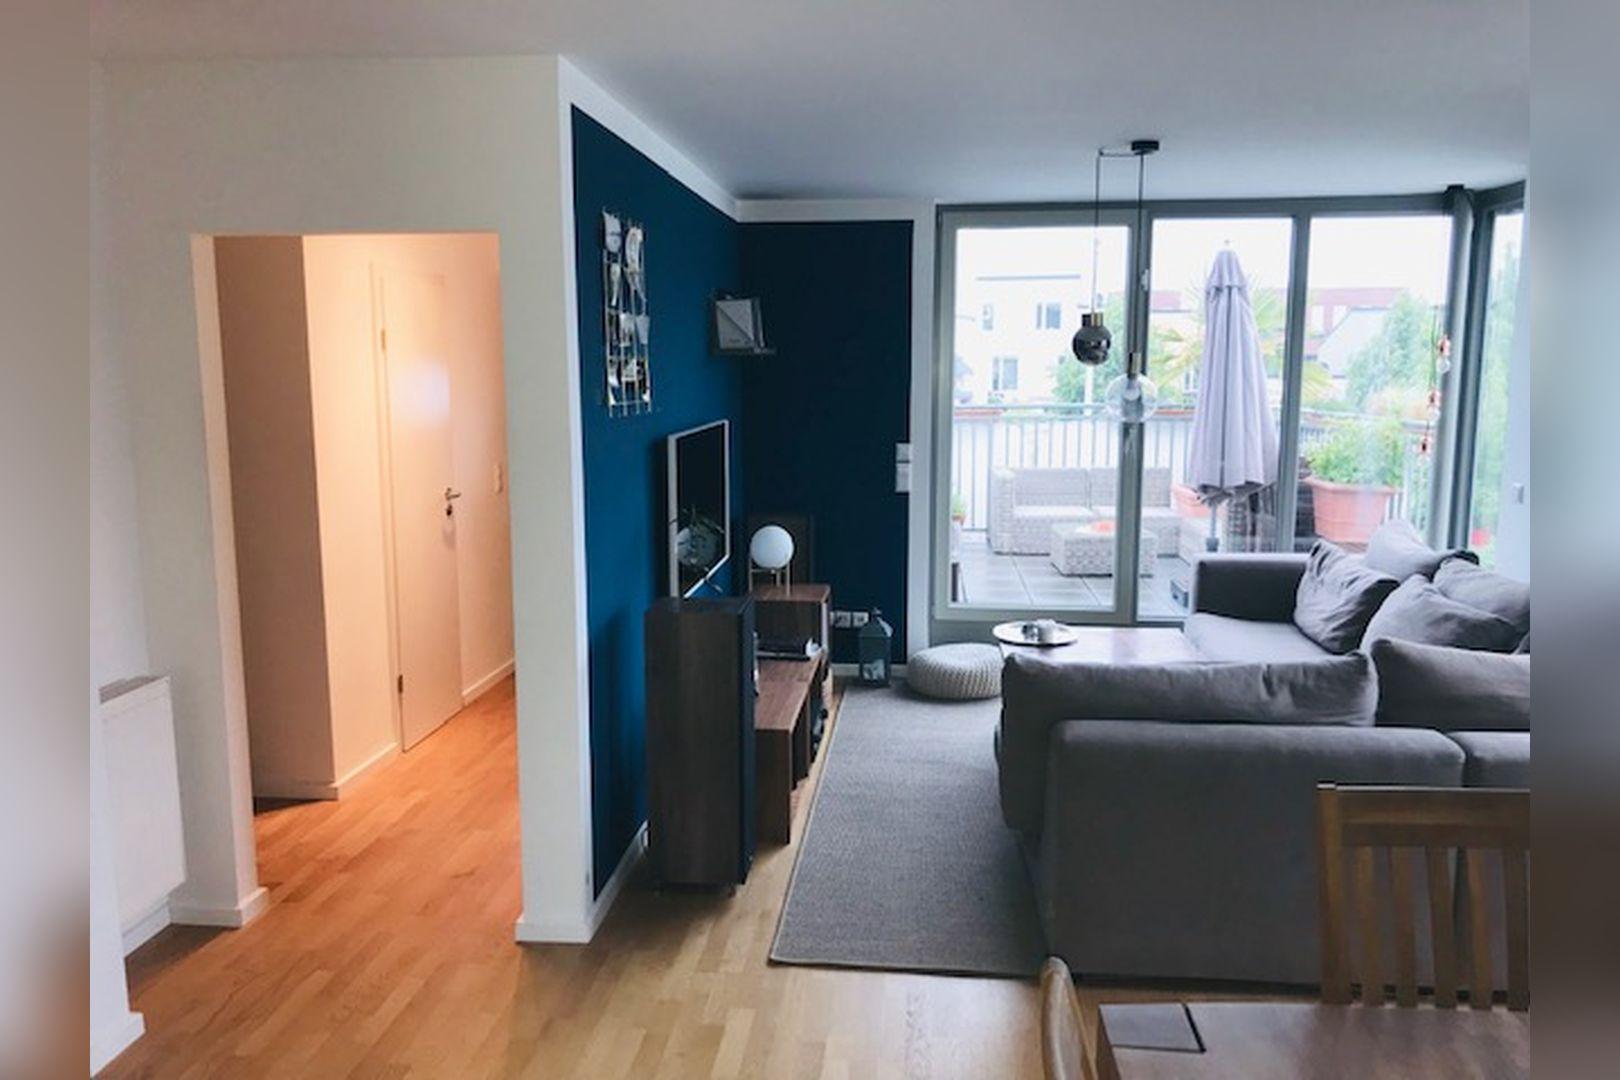 Immobilie Nr.0262 - 4-Zimmer-Maisonette auf Erbpachtliegenschaft, vermietet - Bild 14.jpg